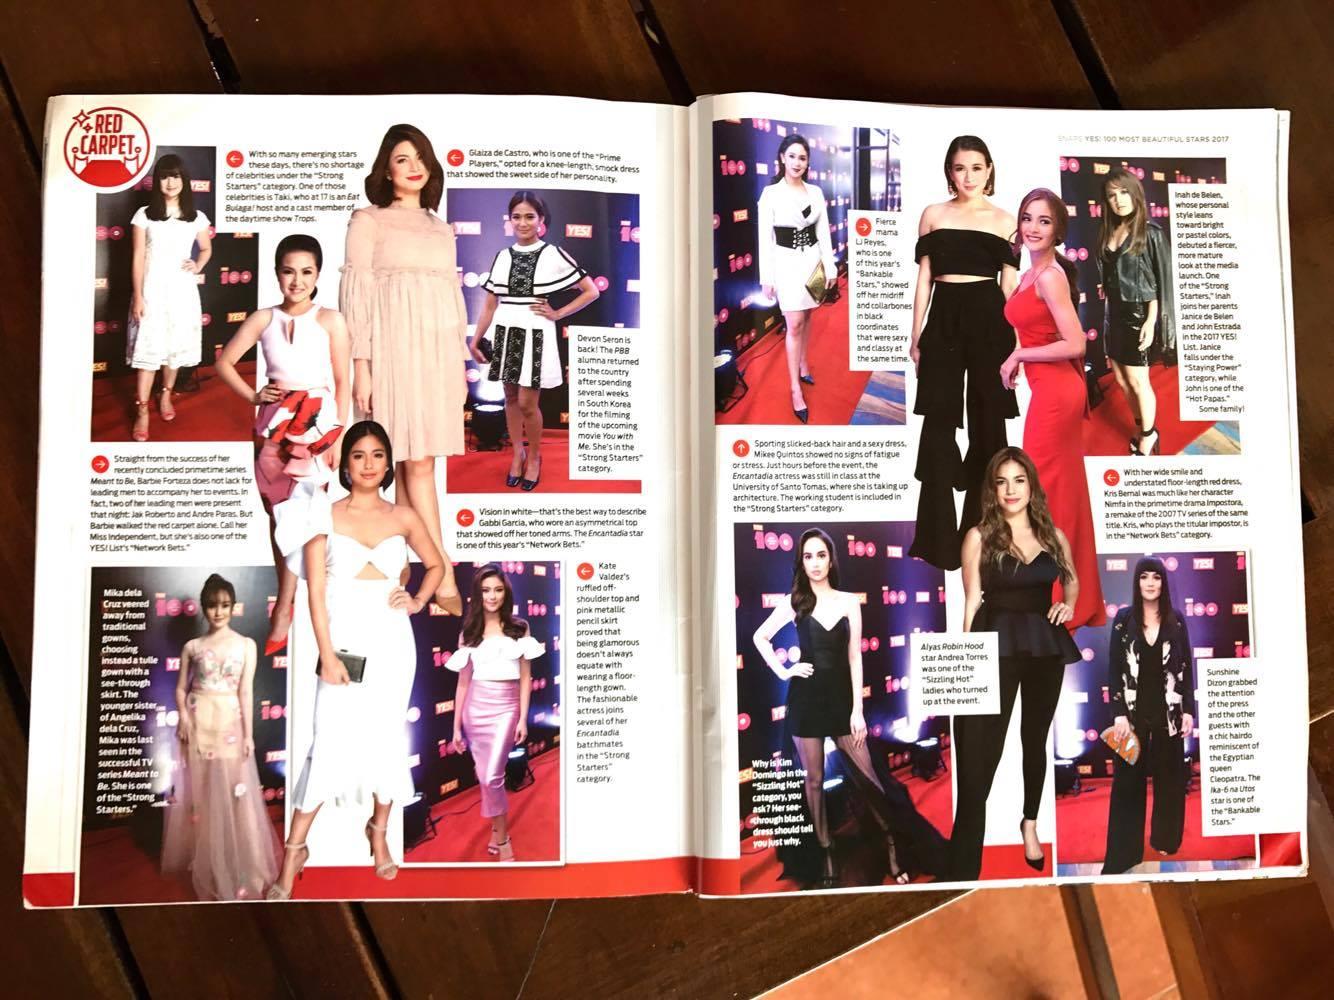 雑誌に載っている芸能人は色白のフィリピン人ばかり